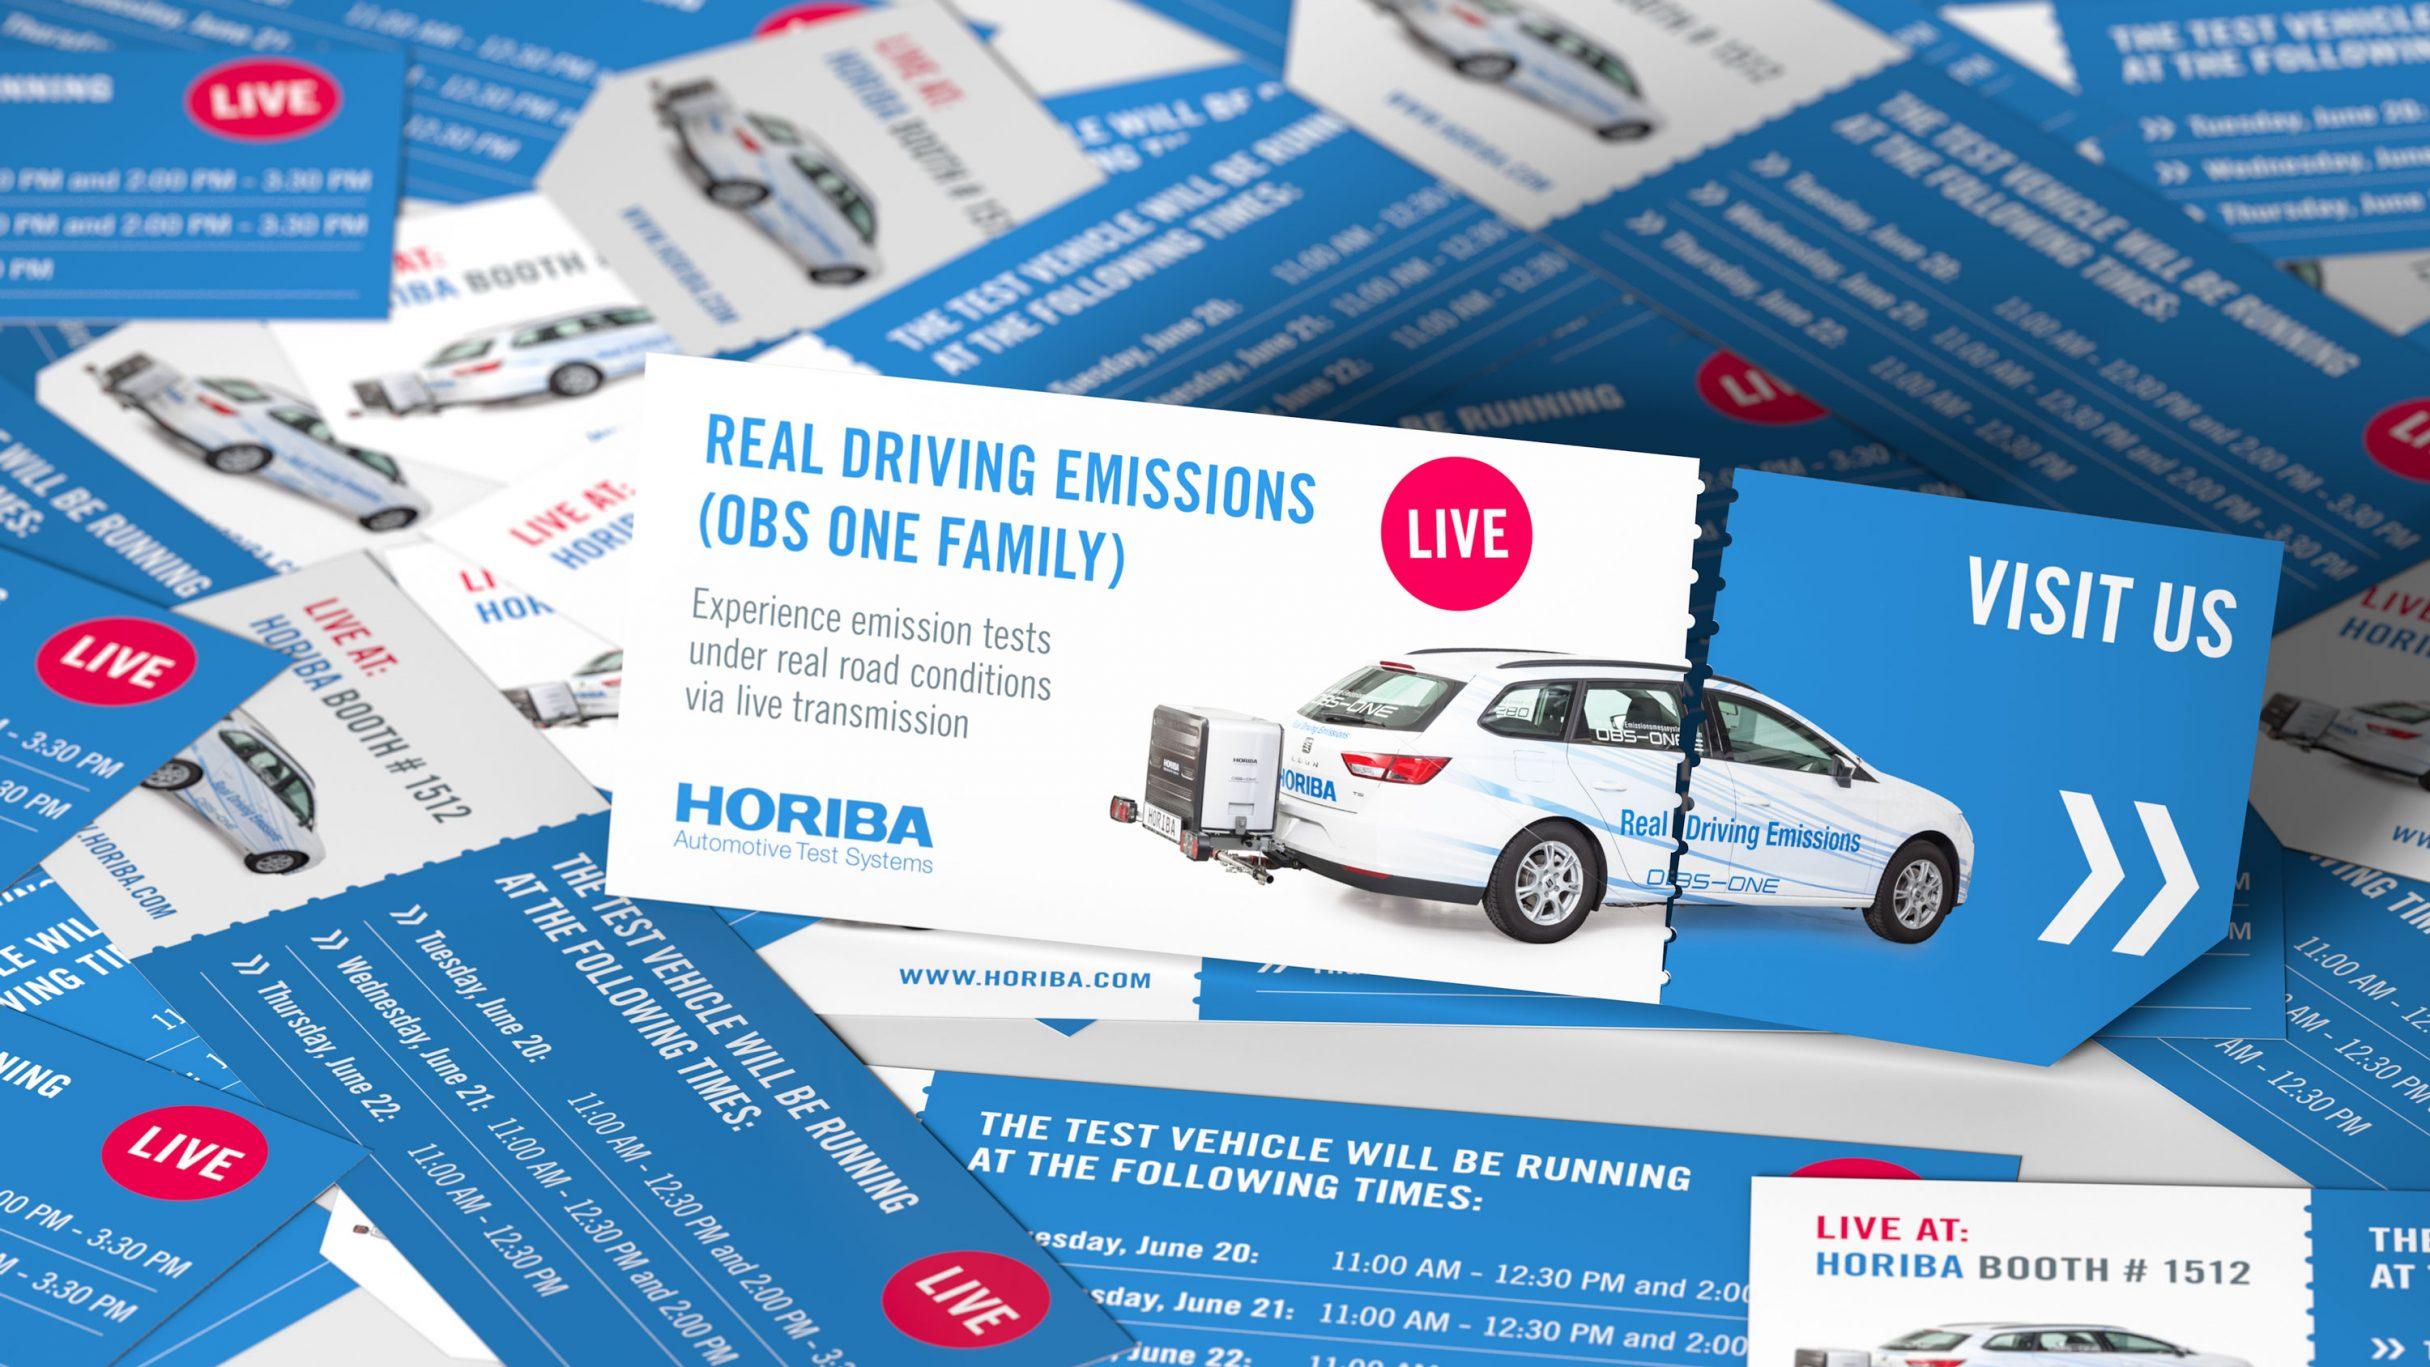 live stream real driving emissions Flyer für HORIBA: DIE NEUDENKER® Agentur, Darmstadt